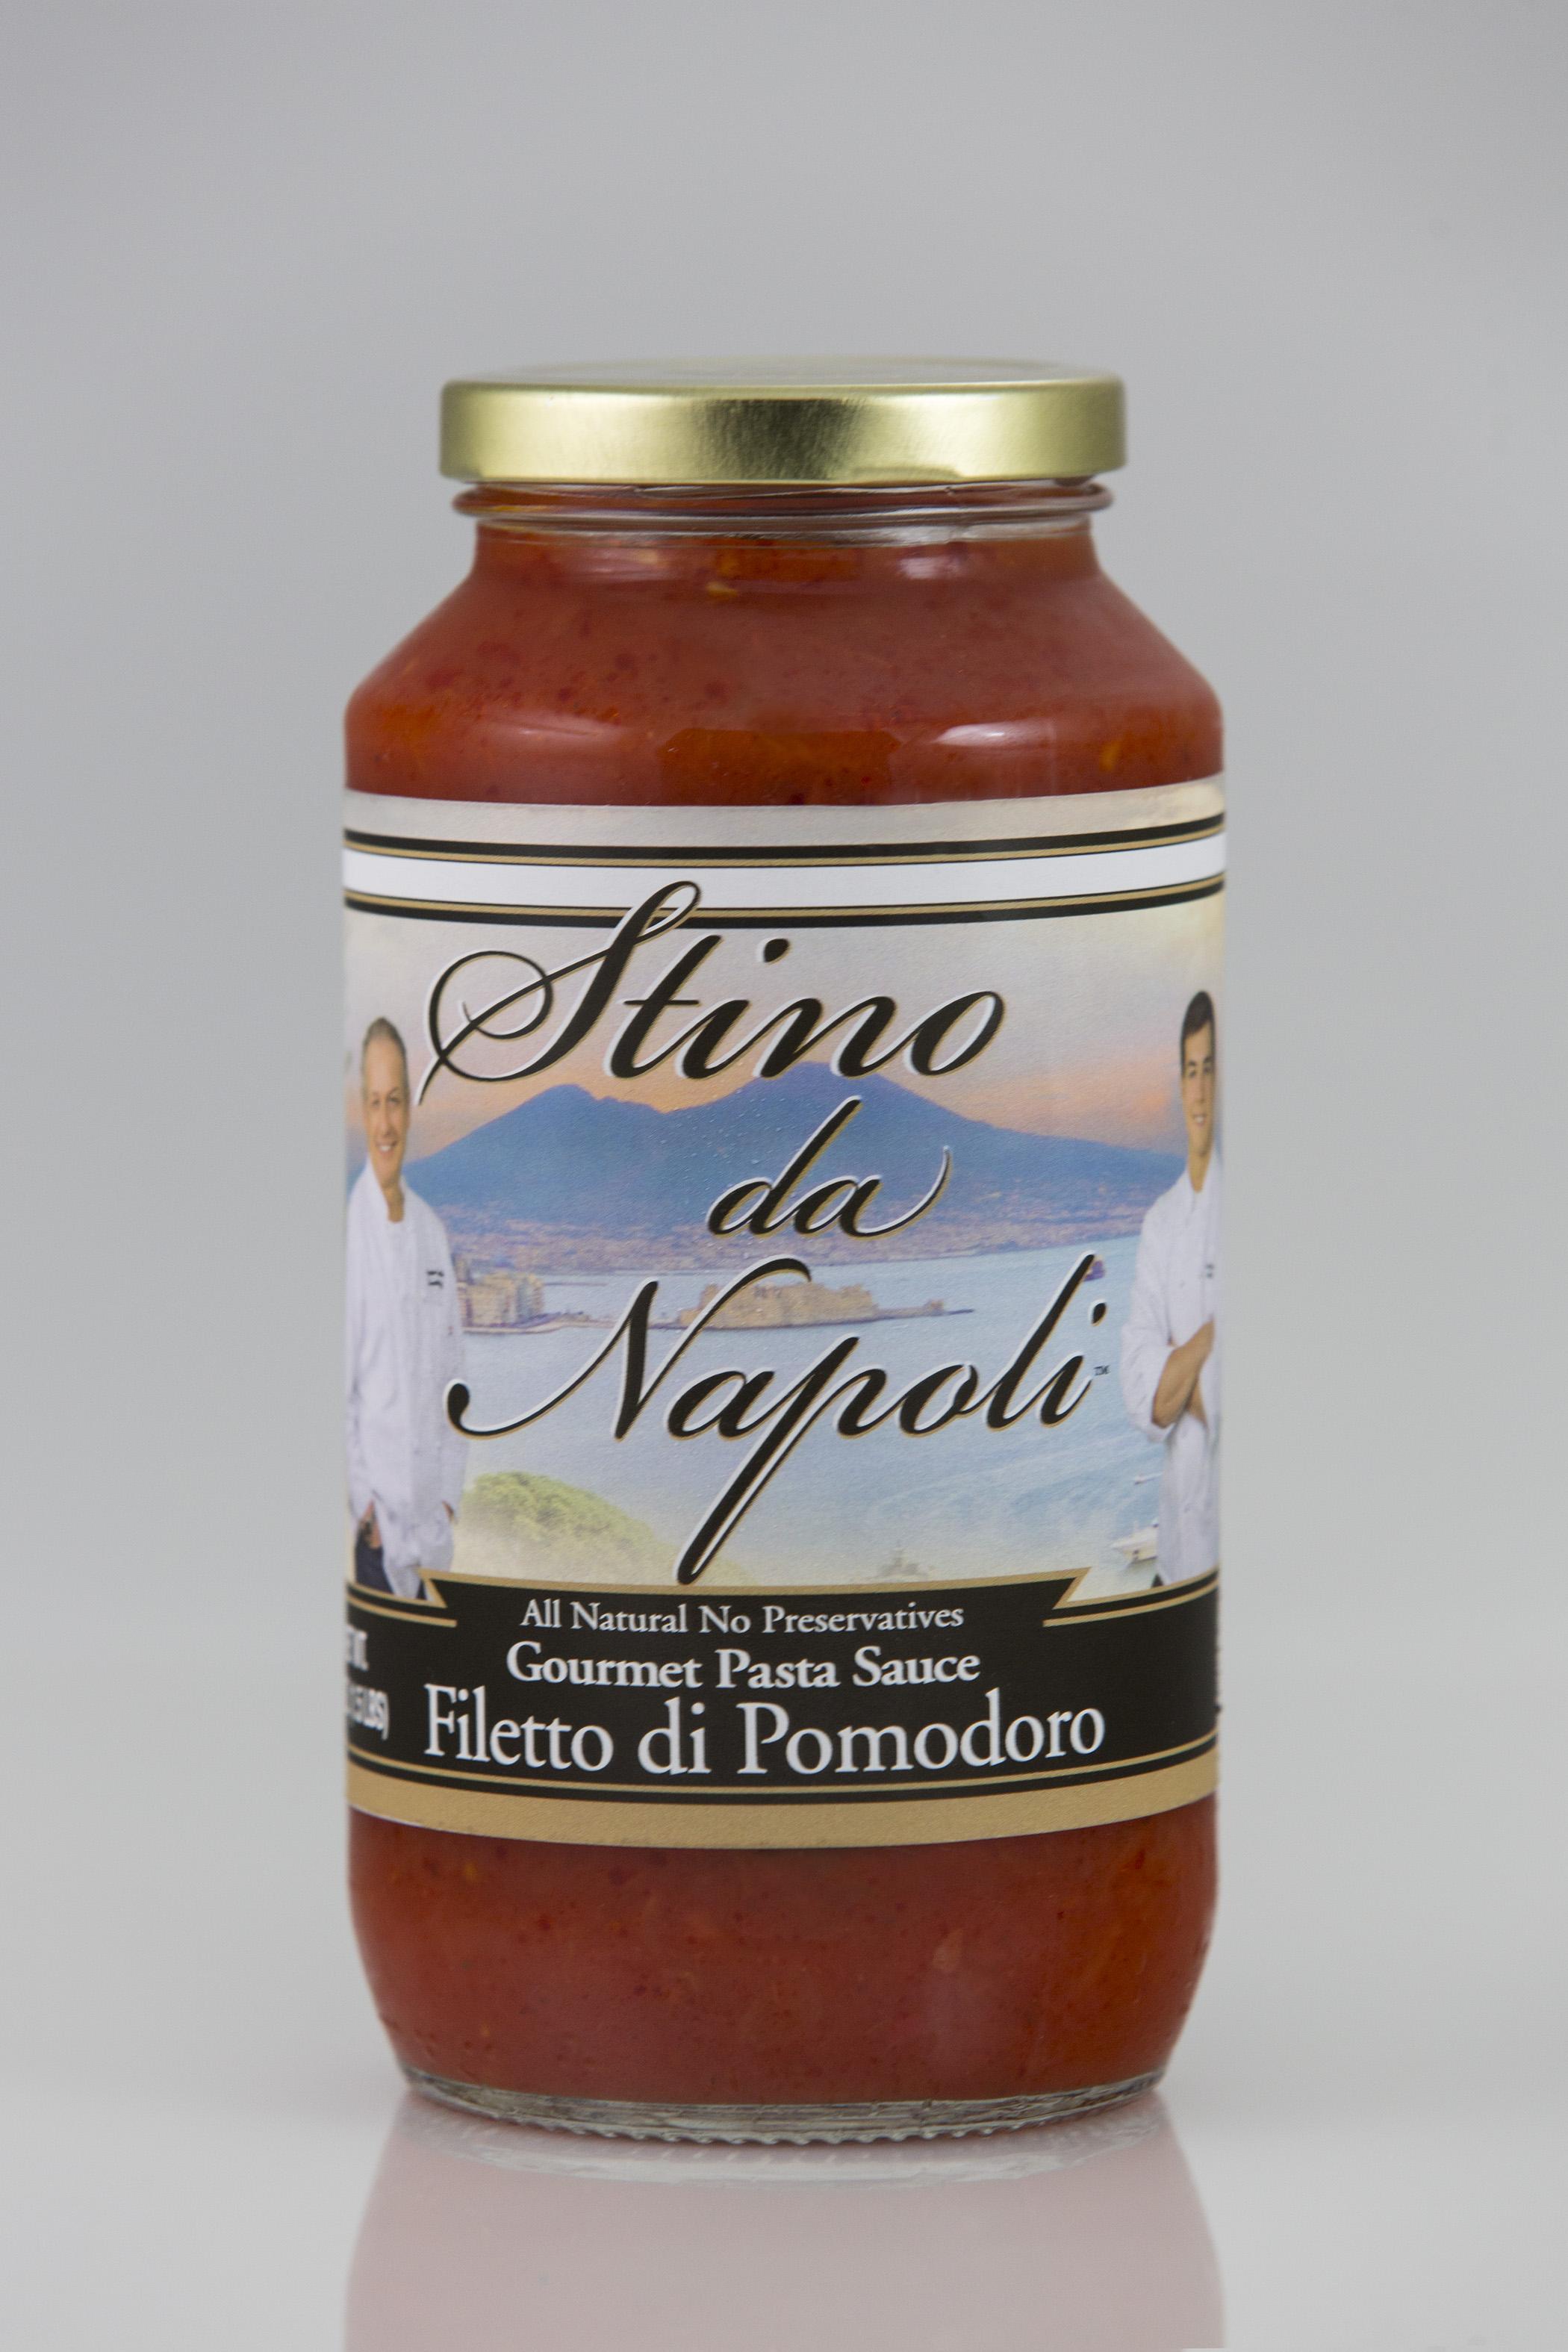 Filetto di Pomodoro.jpg